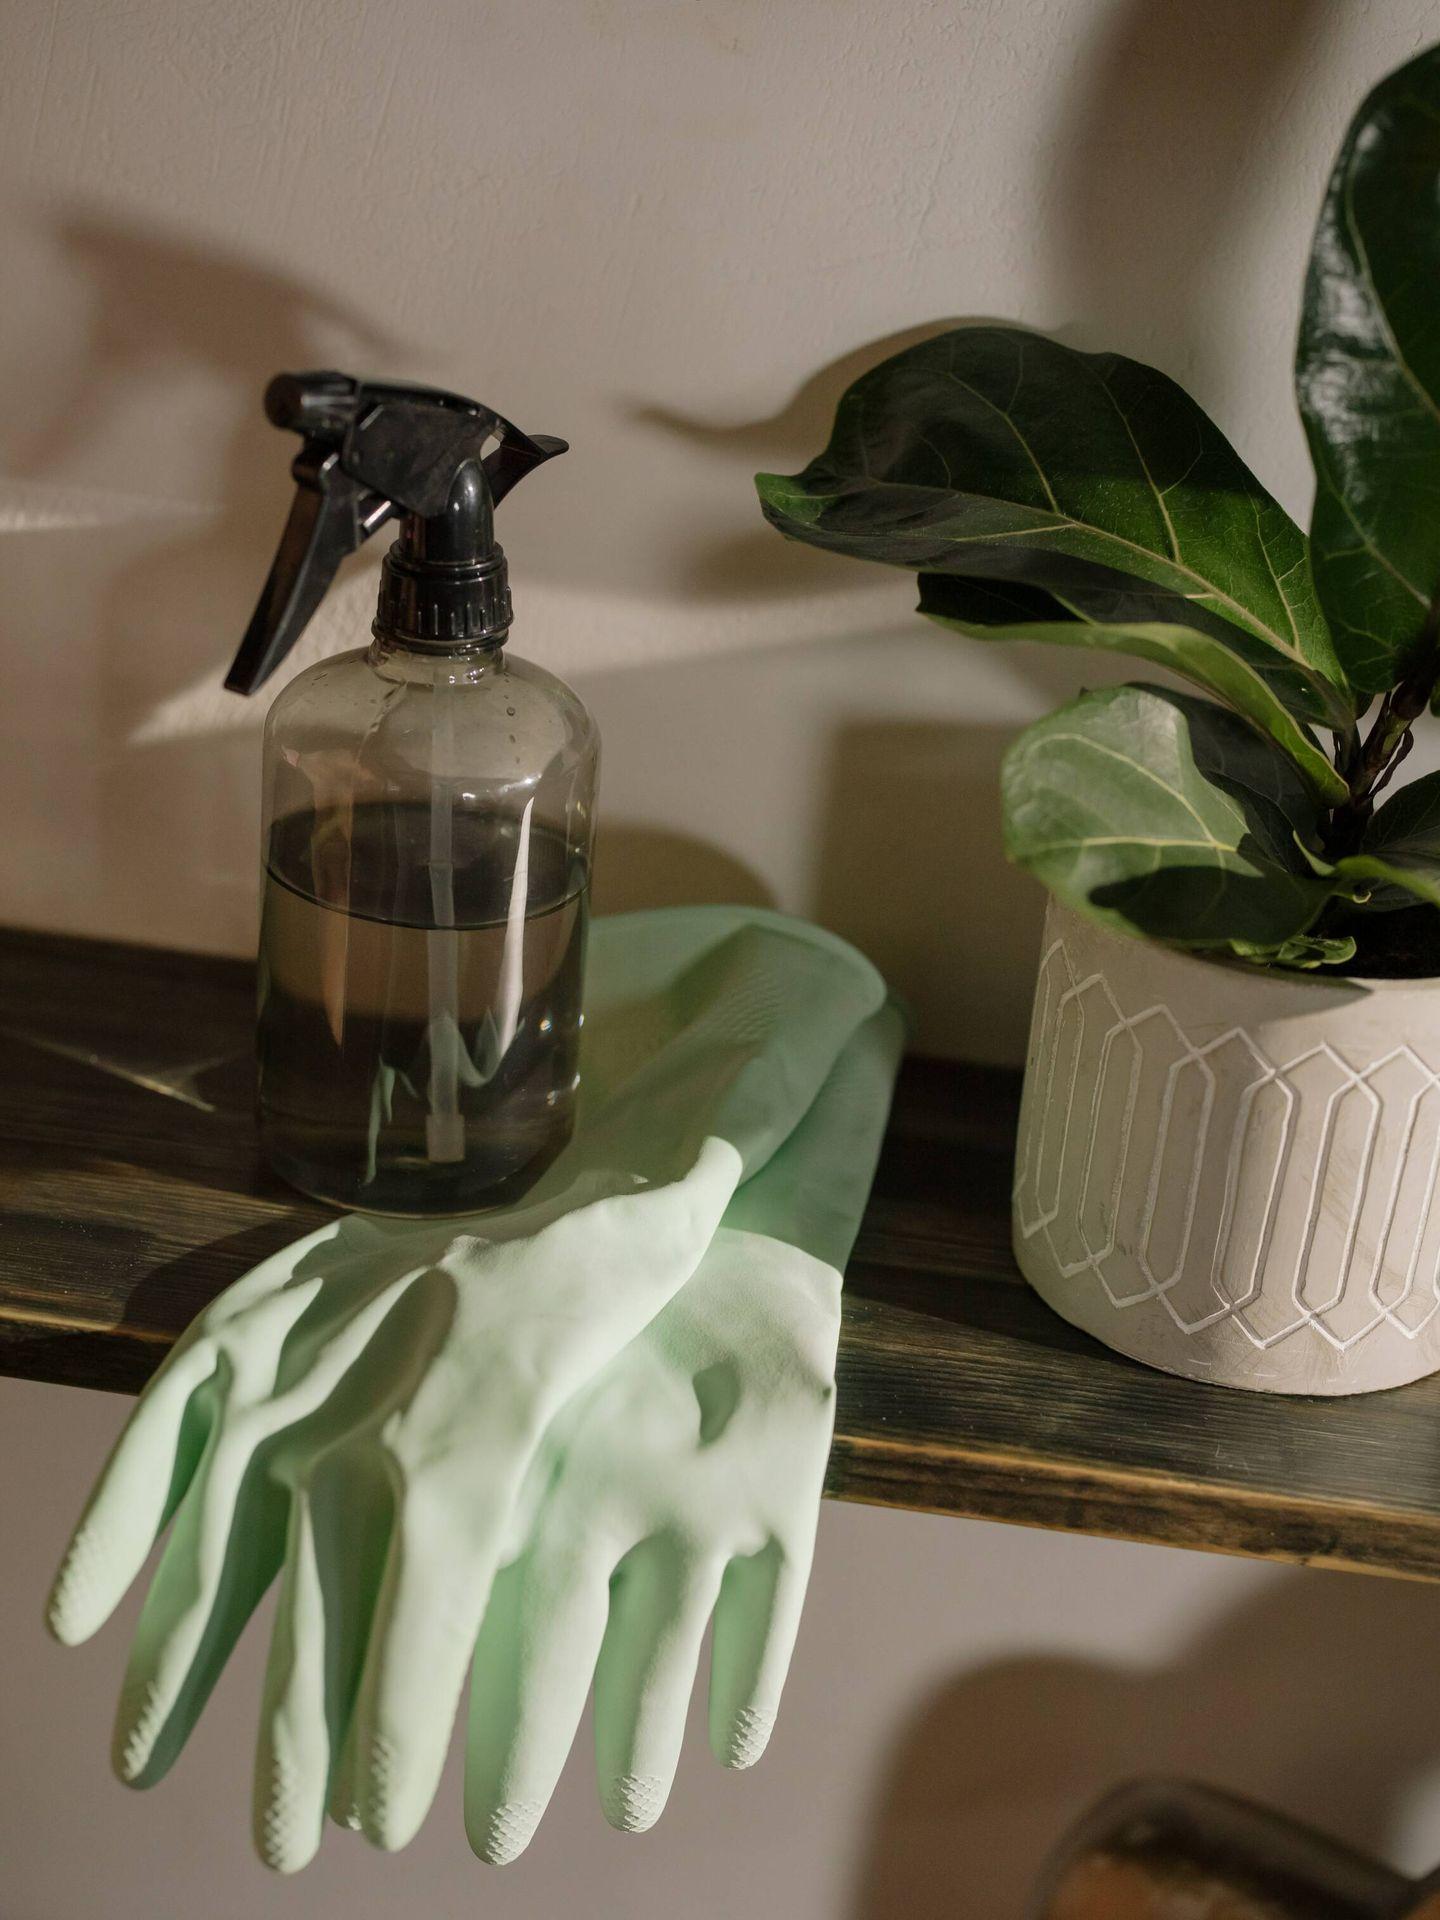 Power Hour, para limpiar y ordenar tu casa en una hora. (Cottonbro para Pexels)